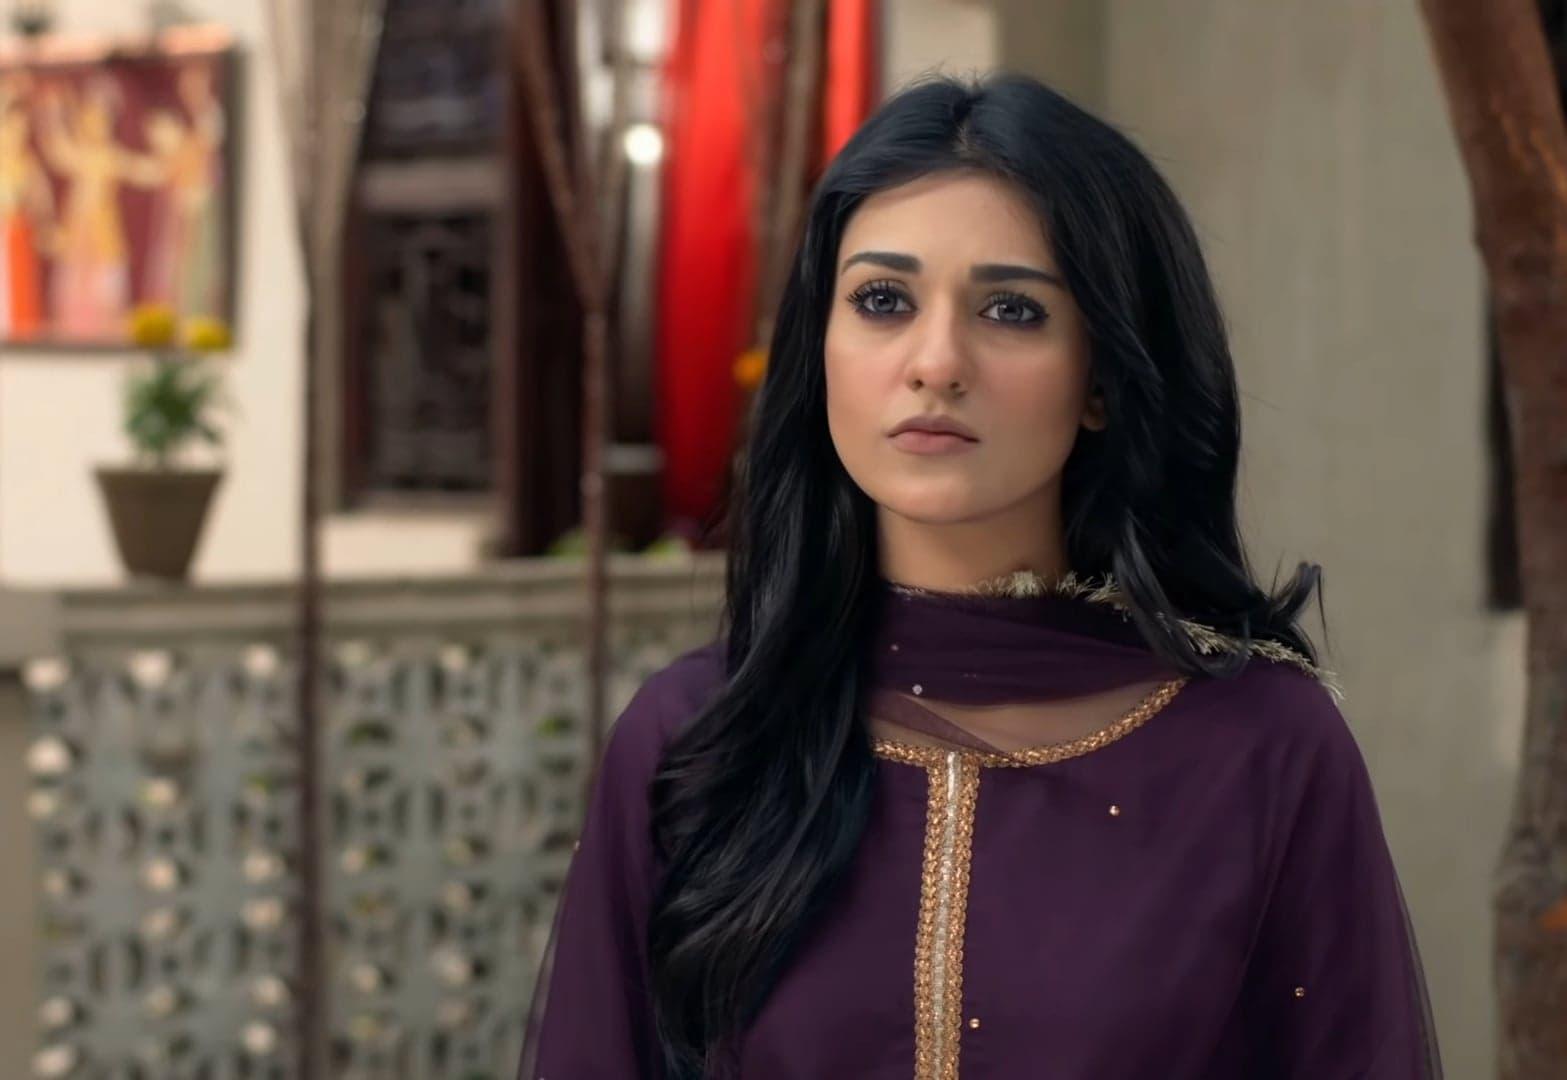 Sarah Khan 29